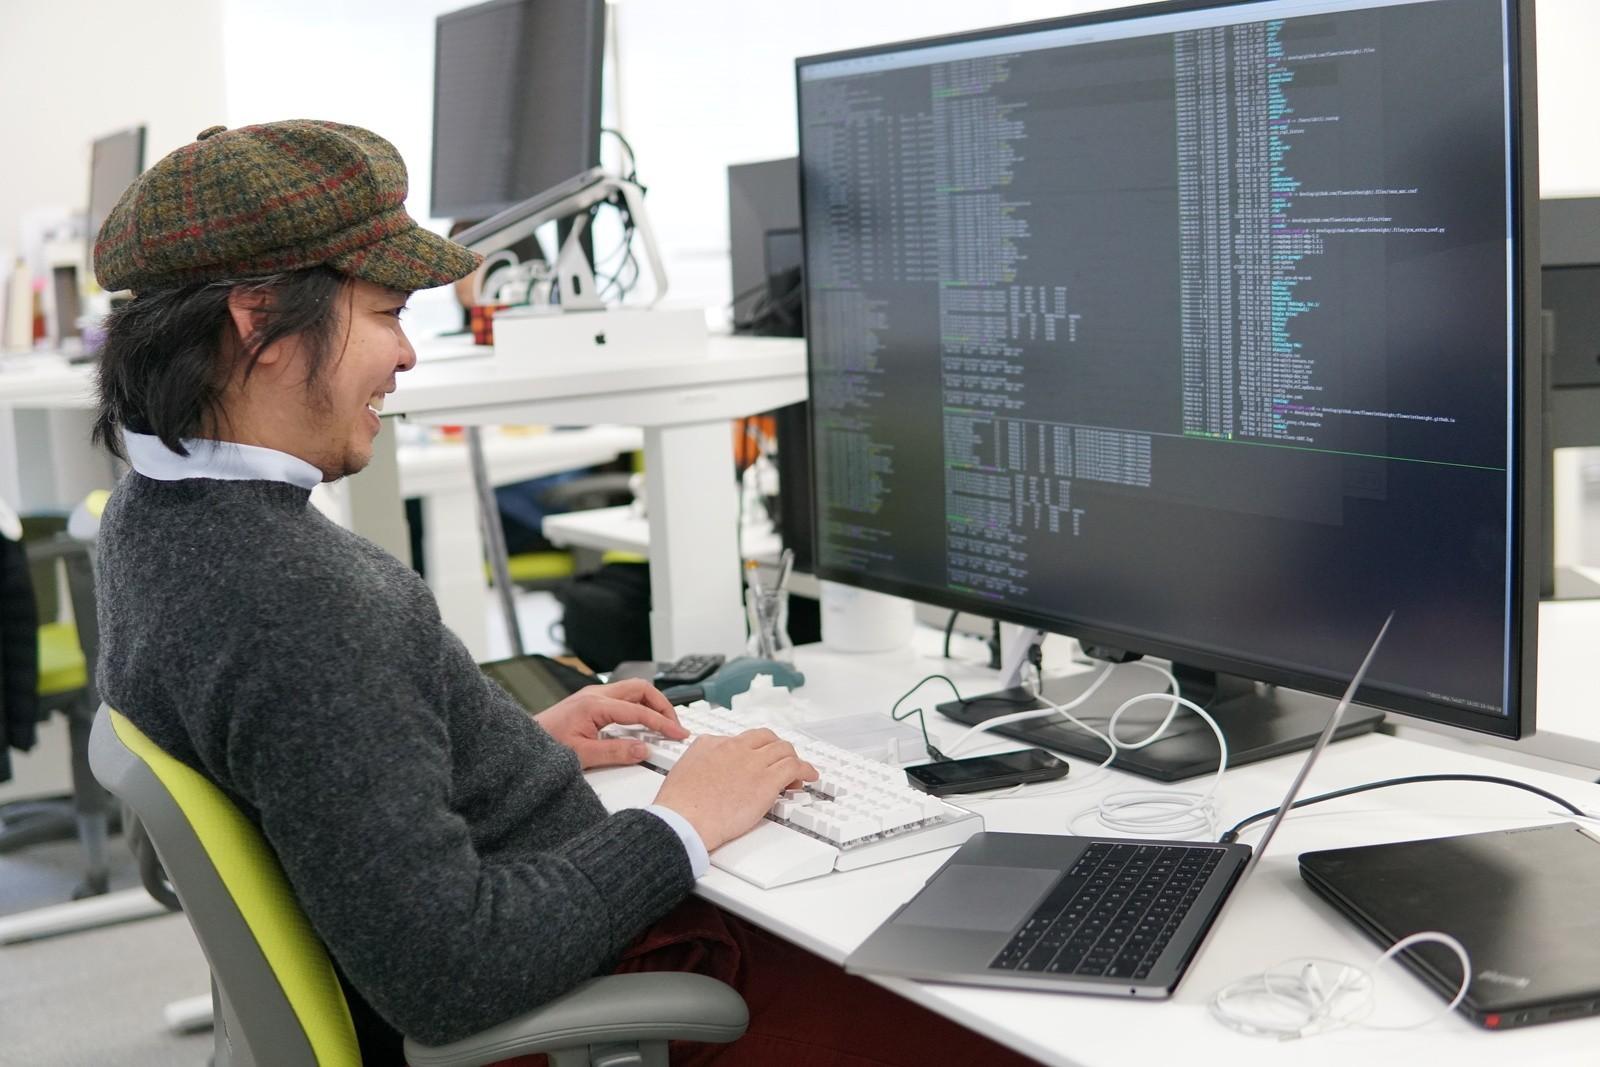 パブリッククラウドをもっと身近に、もっと便利に!エンジニアがサービスをより簡単に作れる世界を実現しませんか?